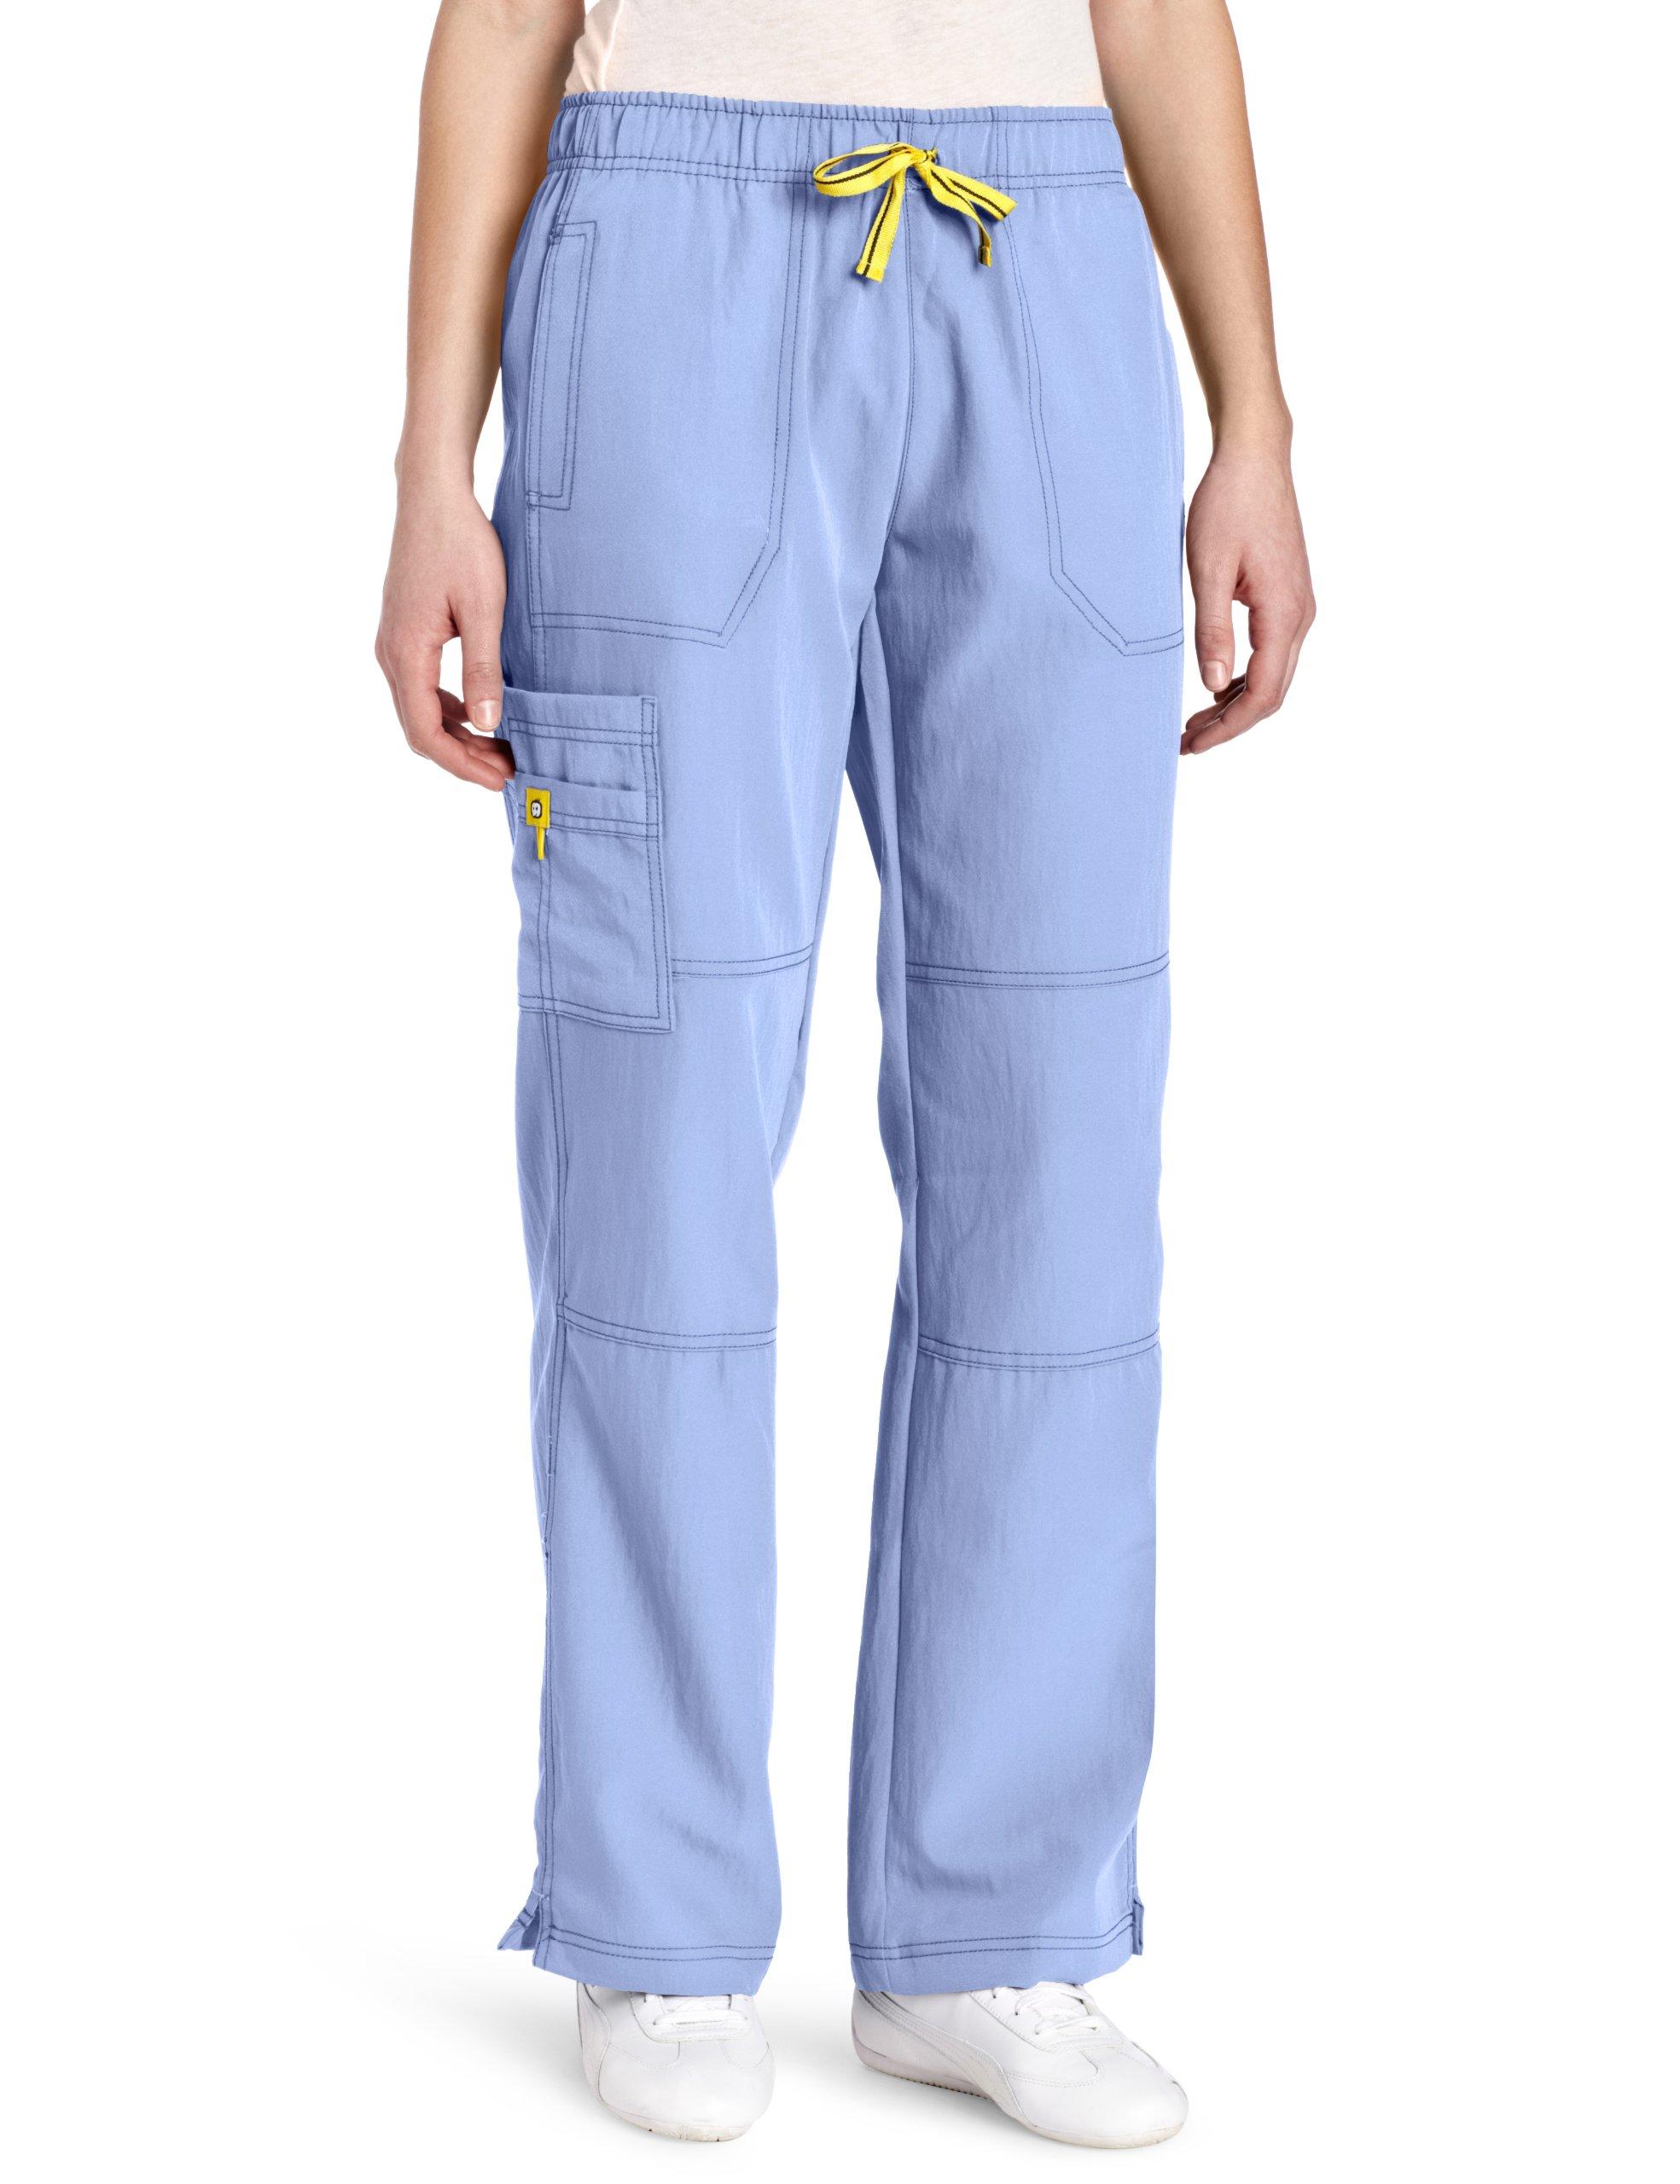 WonderWink Women's Scrubs Four Way Stretch Sporty Cargo Pant, Ceil Blue, Small by WonderWink